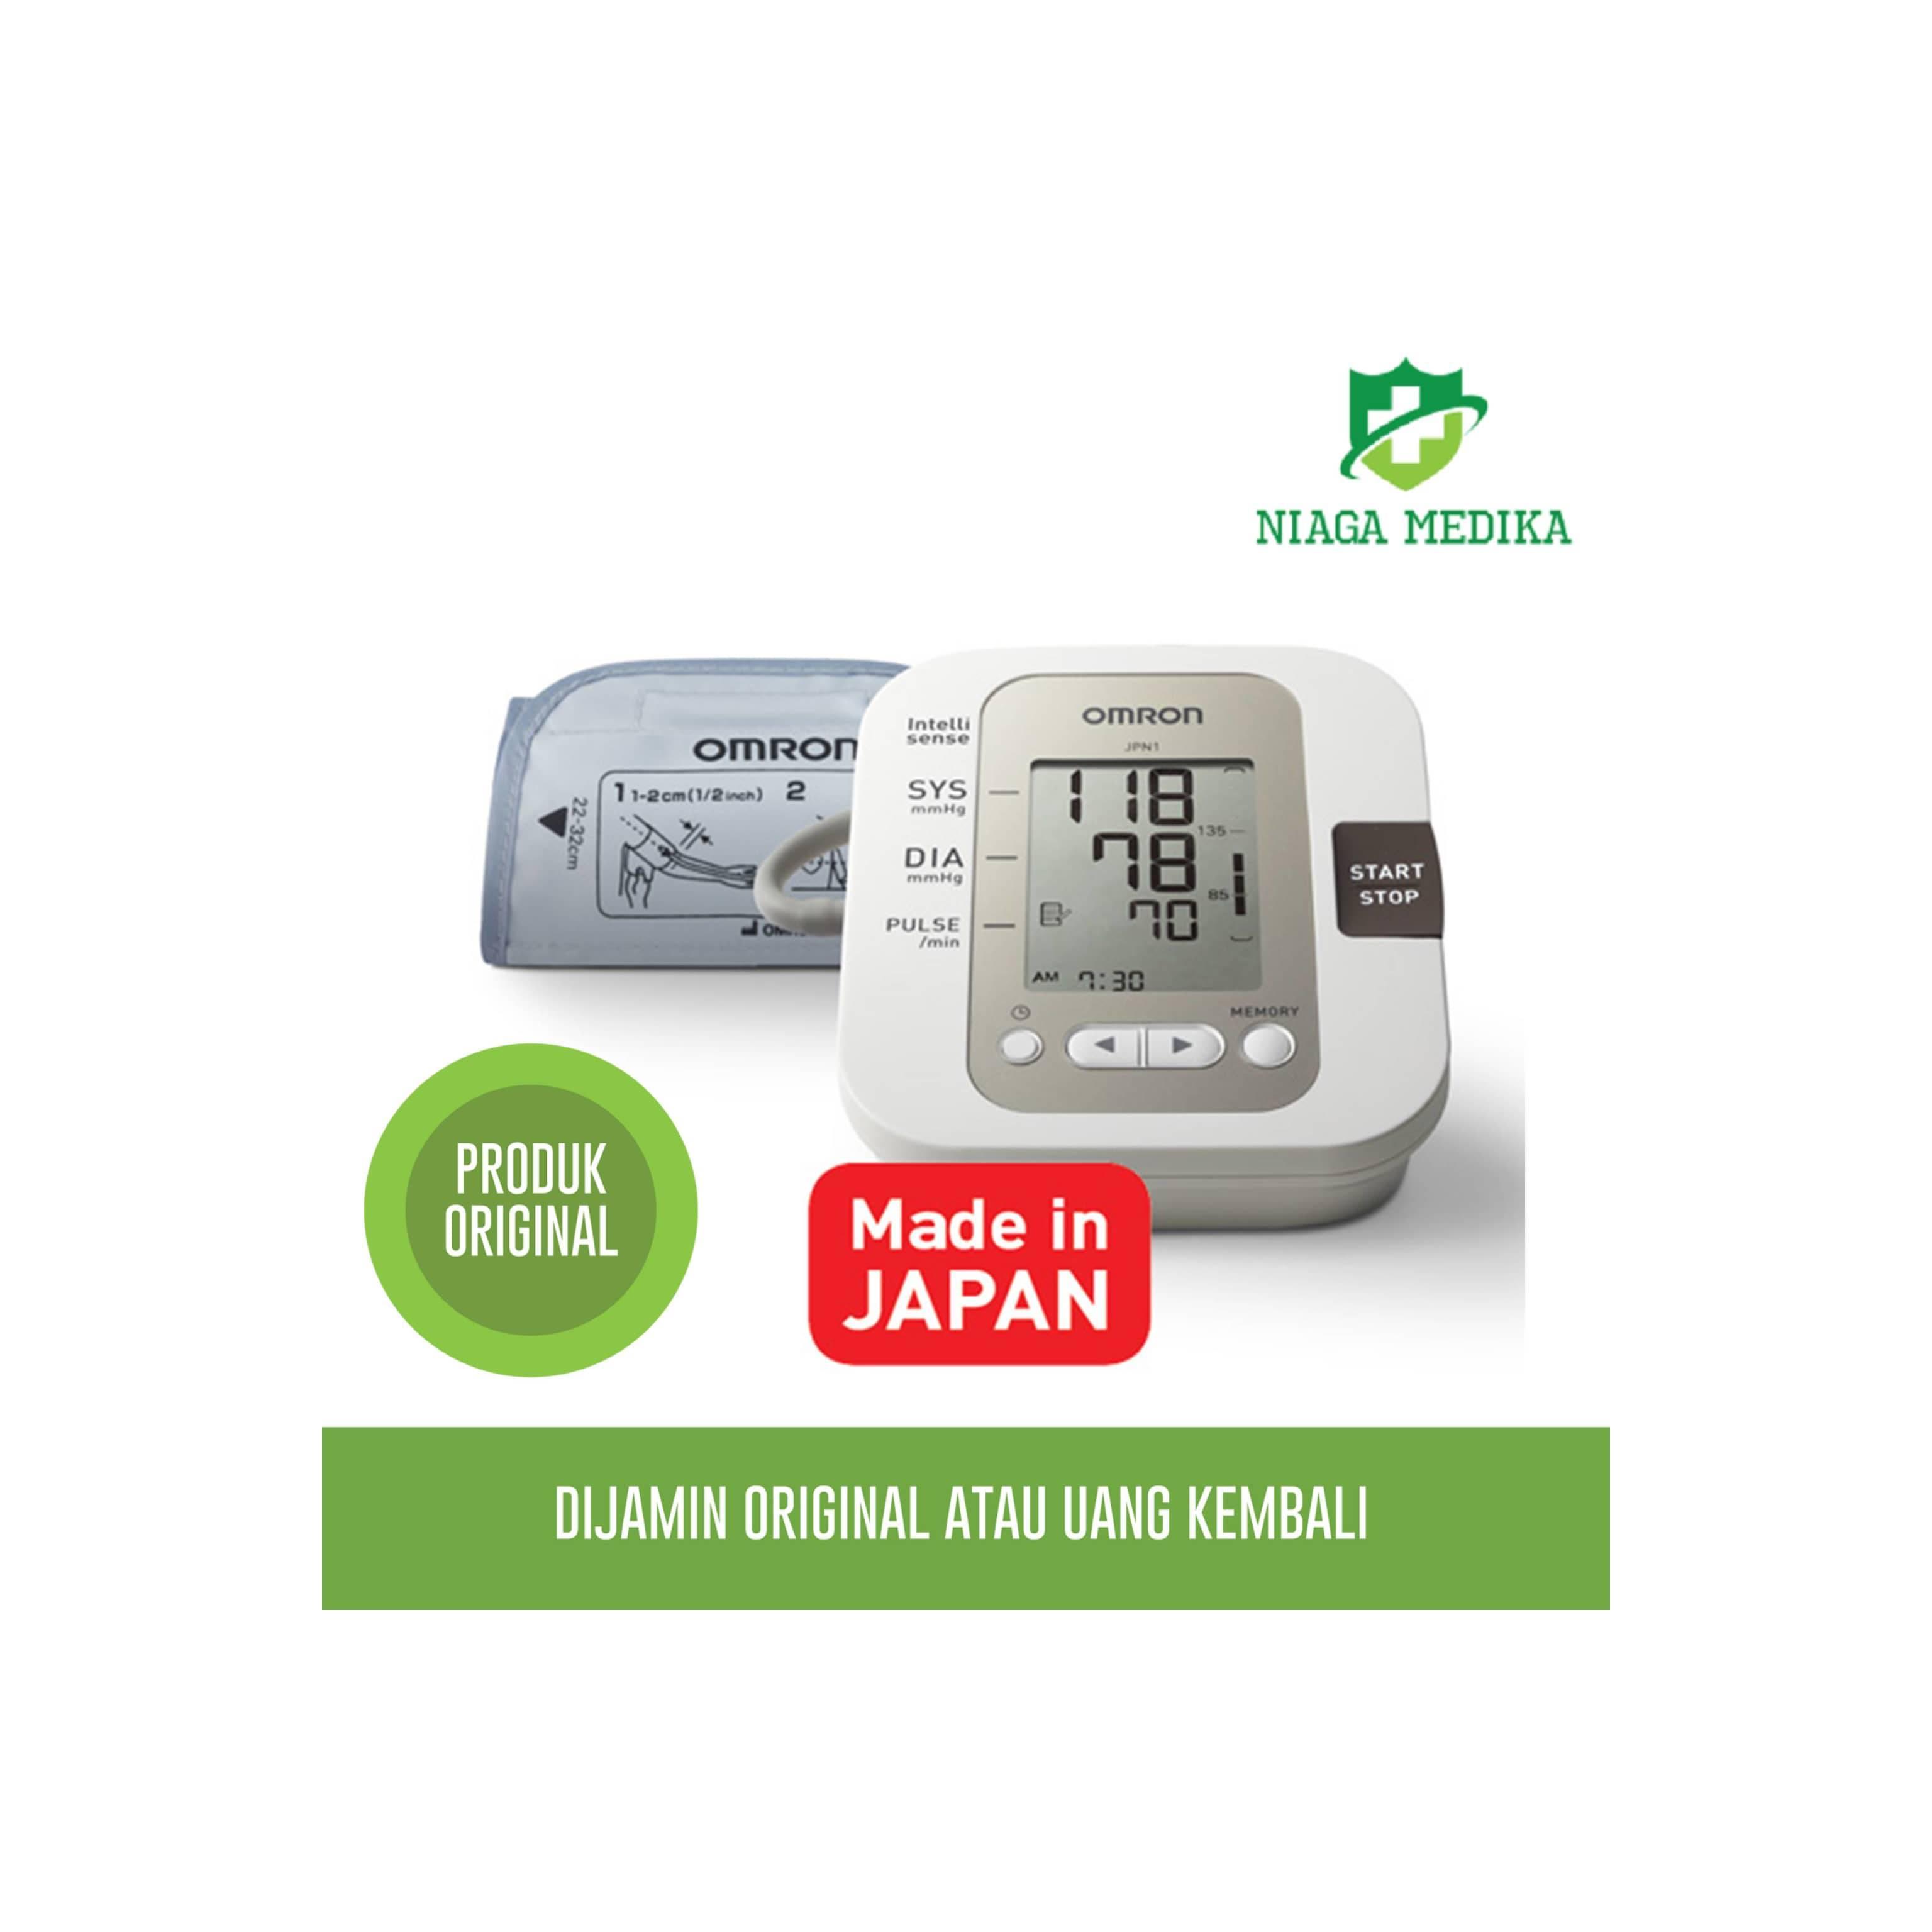 Buy Sell Cheapest Omron Jpn1 Intellissense Best Quality Product Tensimeter Blood Pressure Monitor Terlaris Digital Jpn 1 Alat Ukur Tekanan Darah